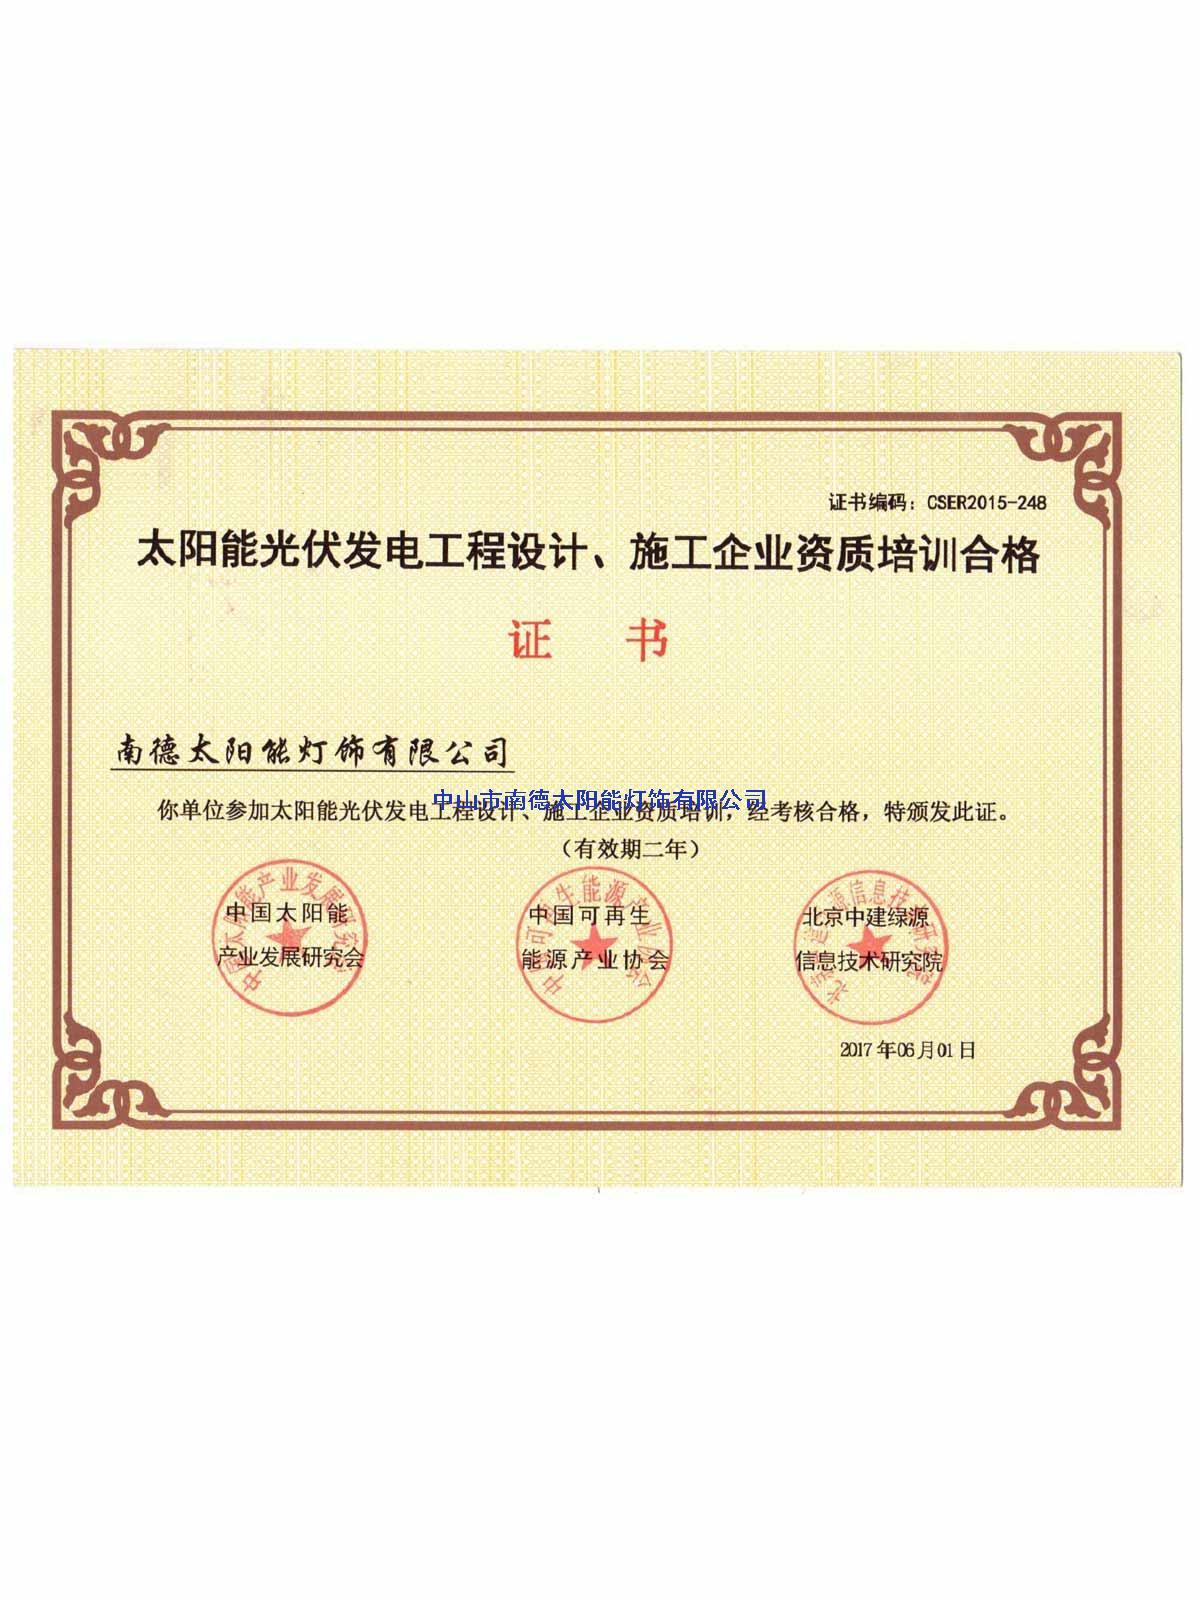 施工企业资质培训合格